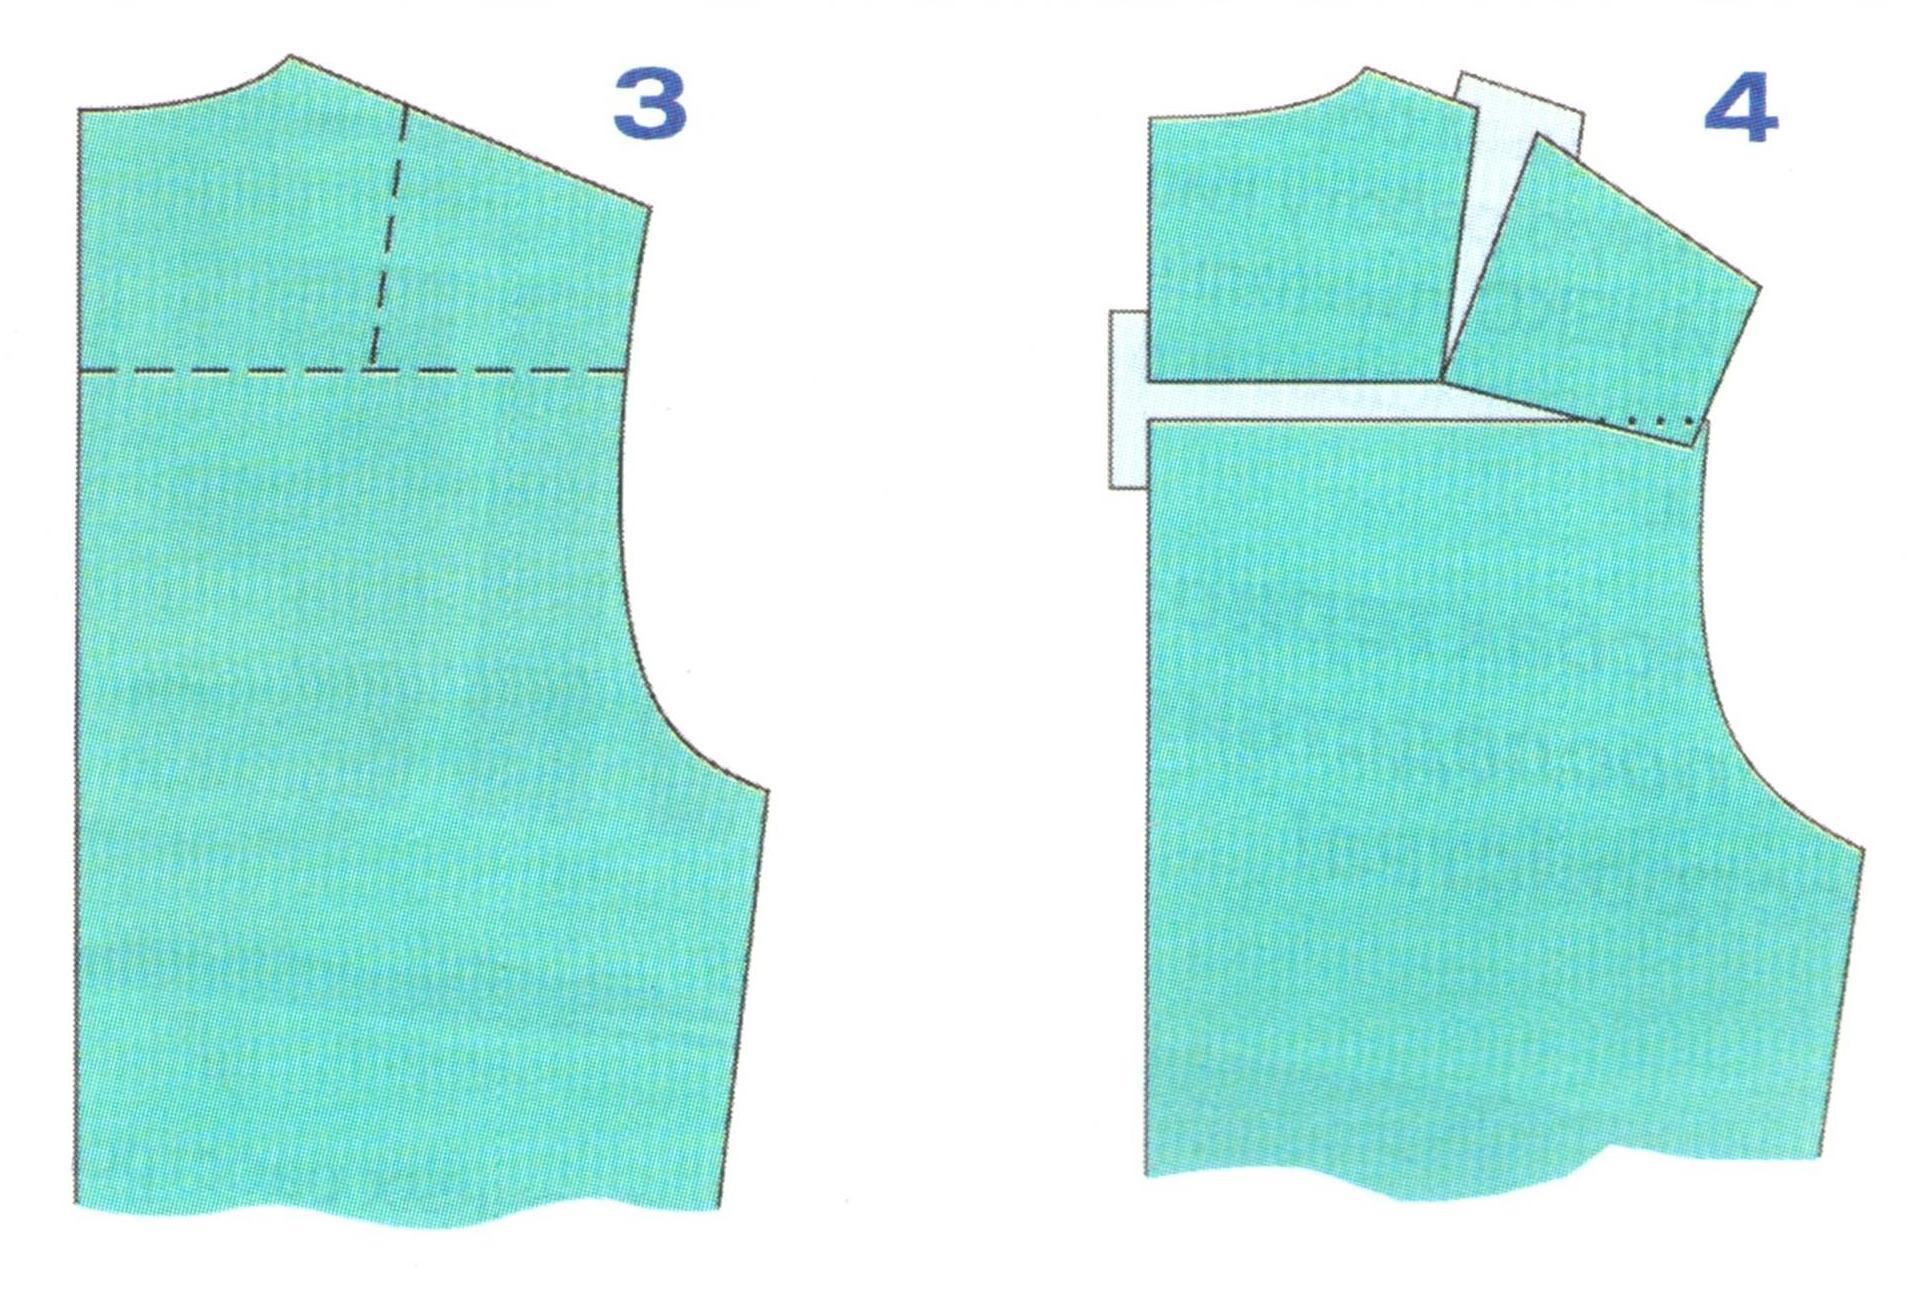 выкройки спинки без вытачки (3-4)